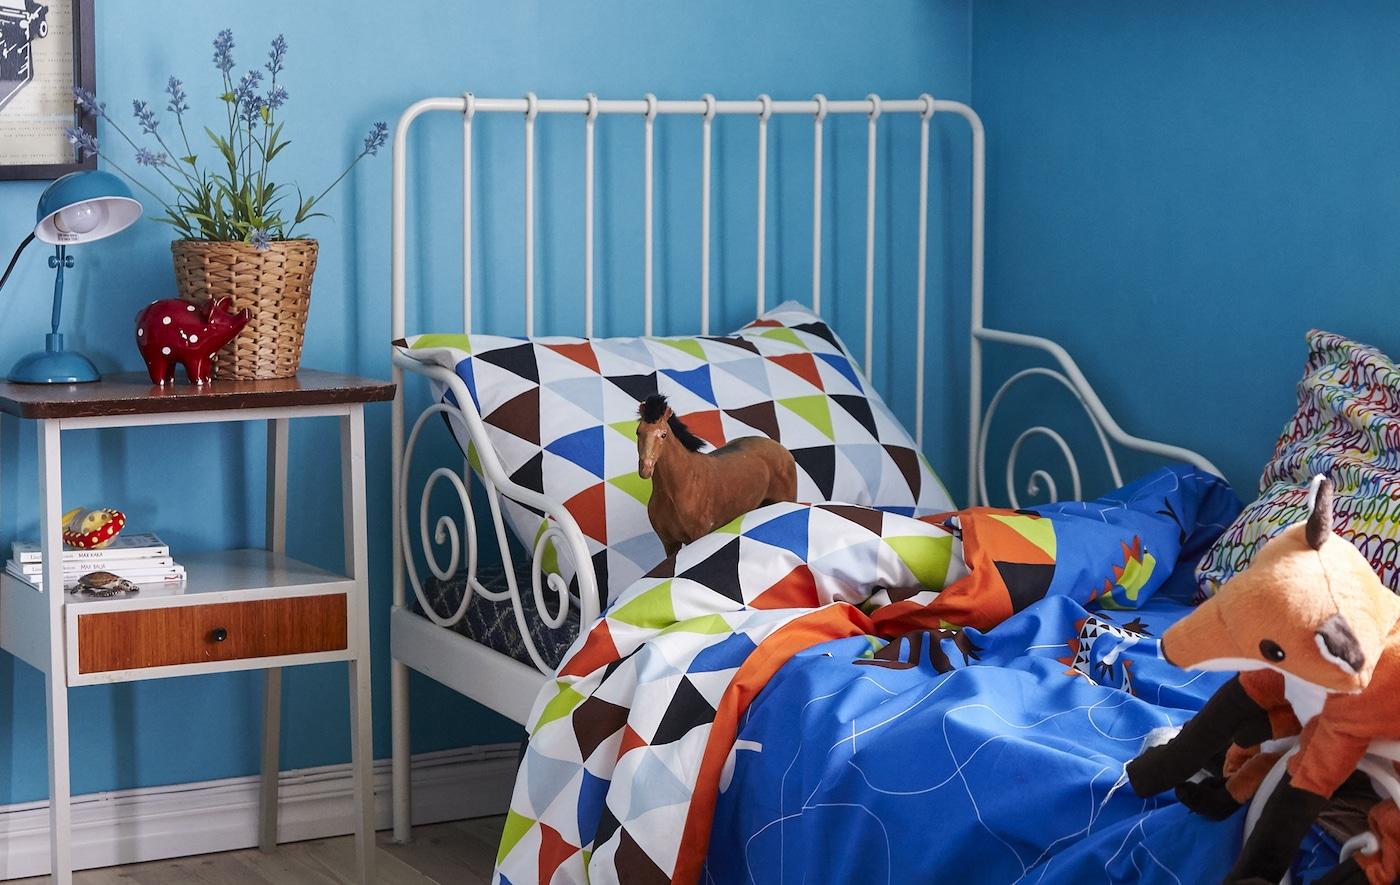 Zacht beddengoed in felle kleuren geeft Viggo's grote slaapkamer een lekker veilig en geborgen gevoel